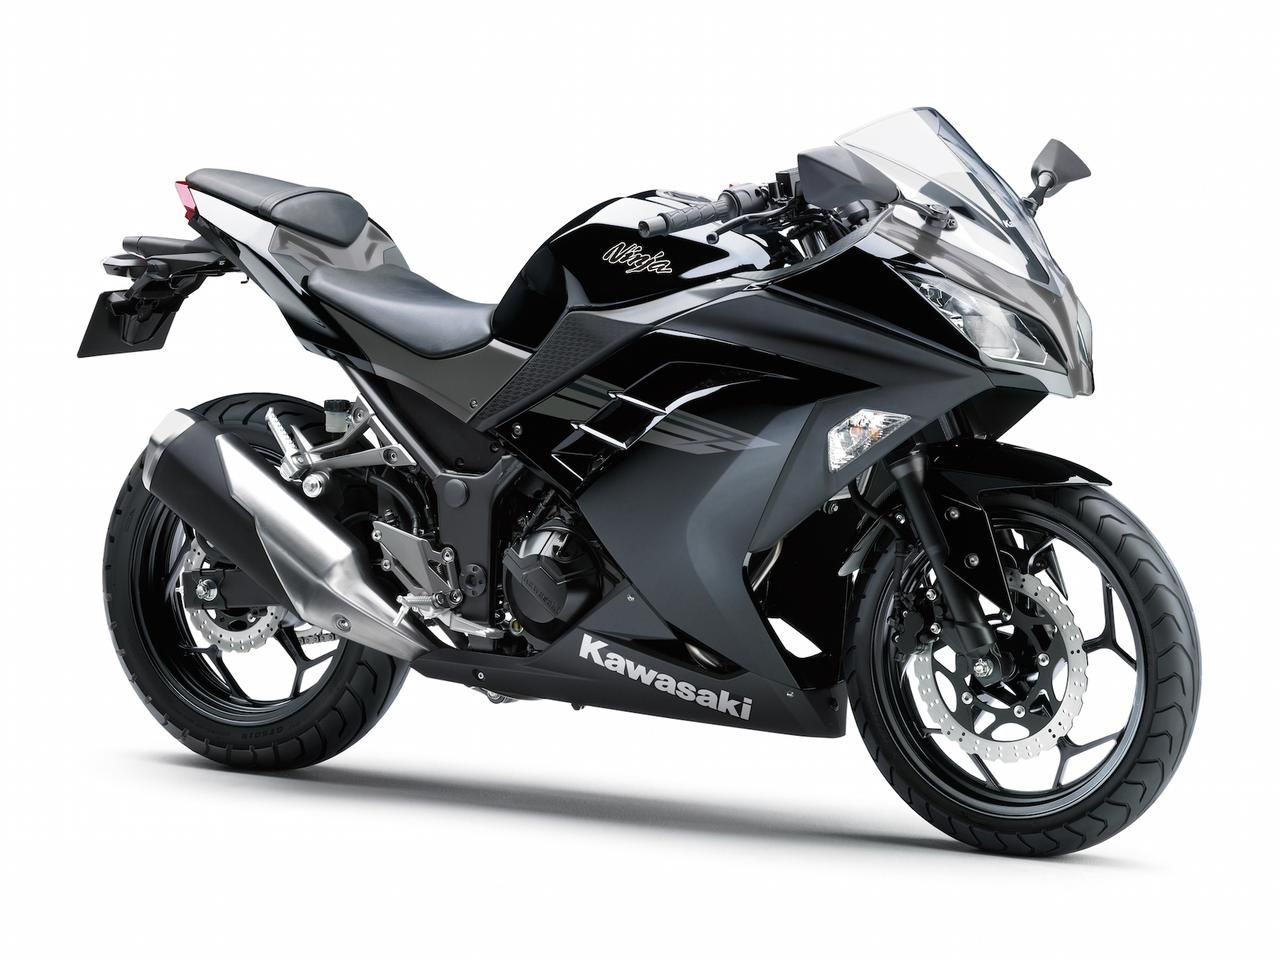 2017 Kawasaki Ninja 250 ABS Kawasaki ninja 300